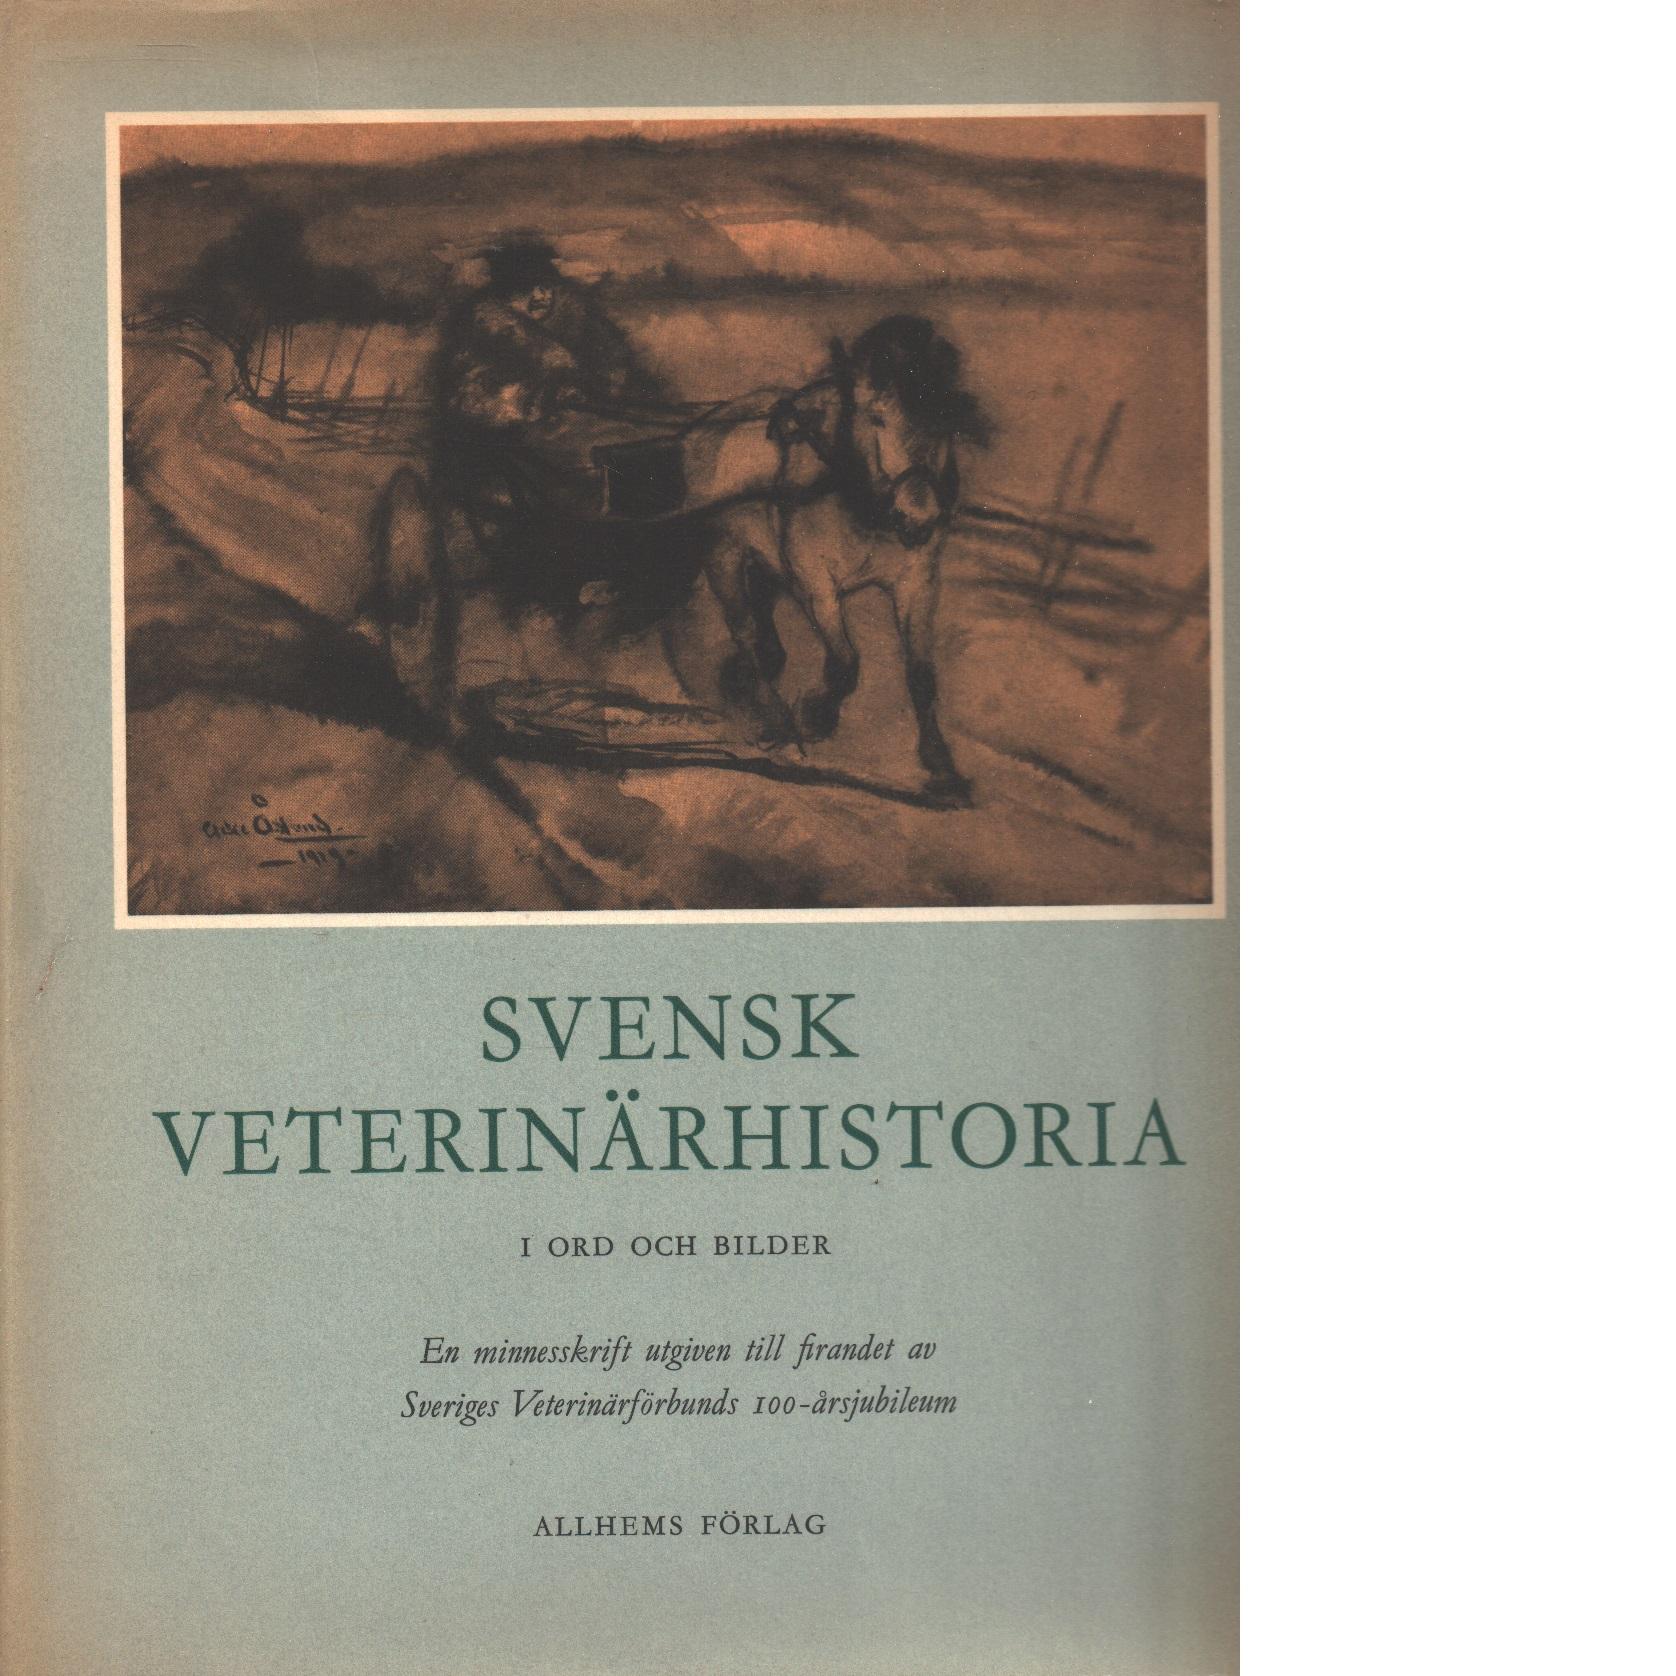 Svensk veterinärhistoria i ord och bilder : en minnesbok utgiven till firandet av sveriges veterinärförbunds 100-årsjubileum - Hallgren, Willy